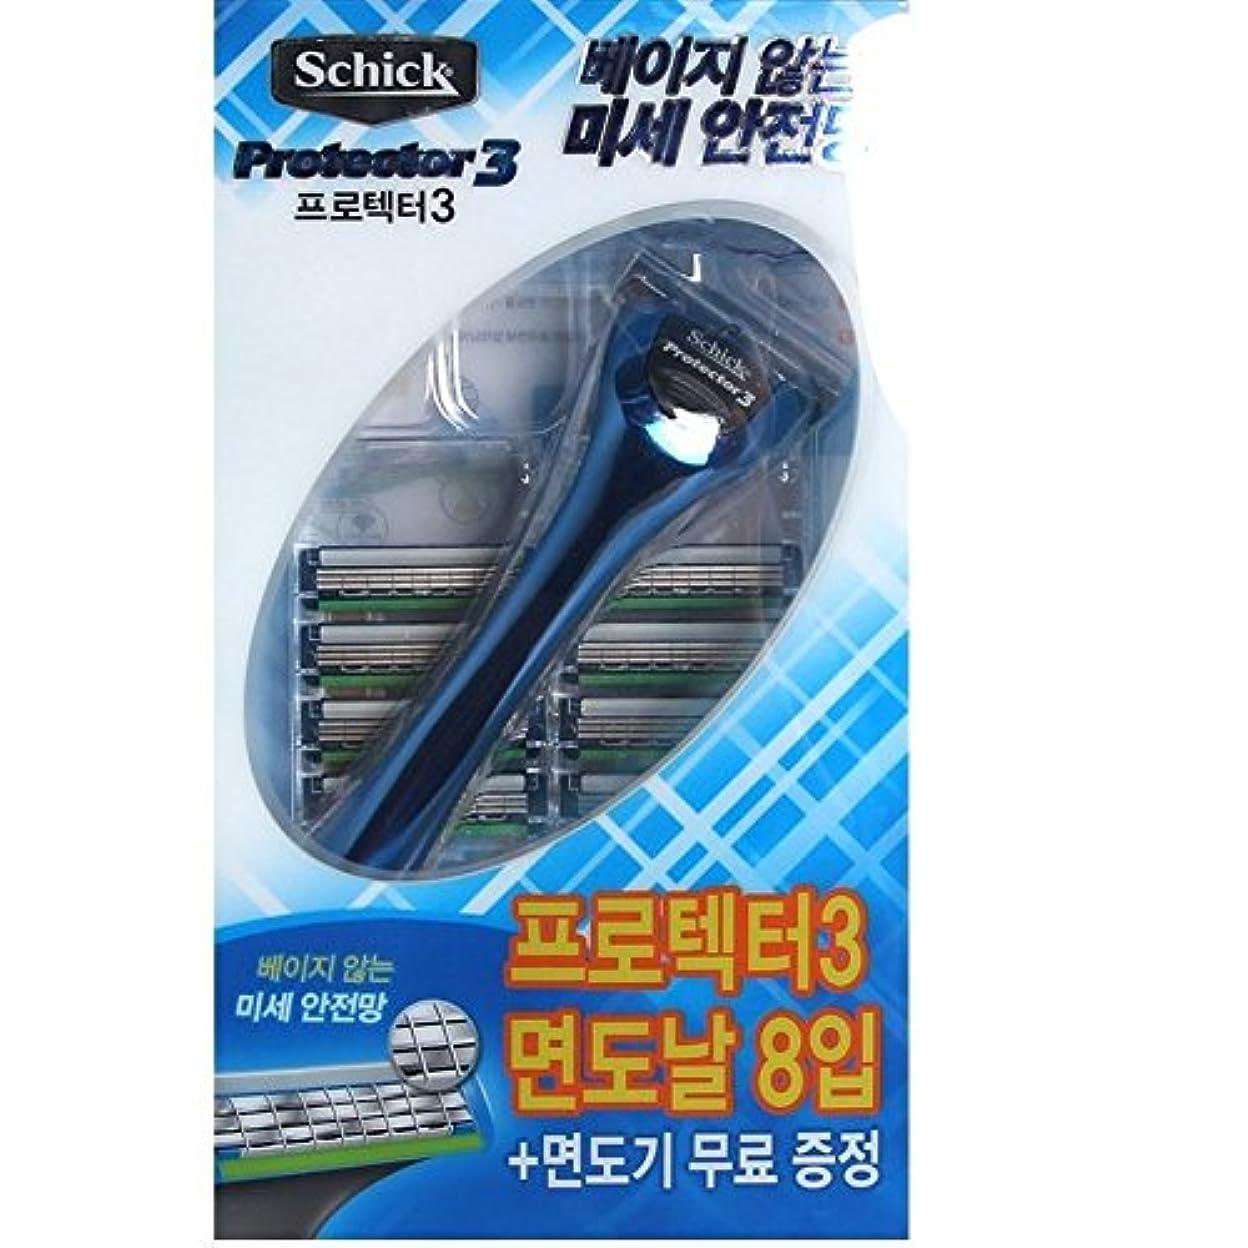 モバイルミッション鎮痛剤Schick Protector3 1レイザー+9カートリッジリフィルブレイド [並行輸入品]